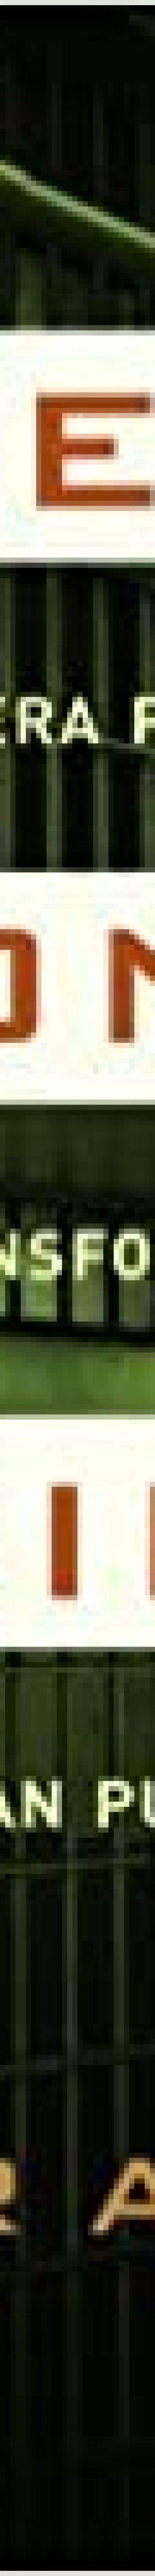 51-bPzi36JL._SX331_BO1,204,203,200_